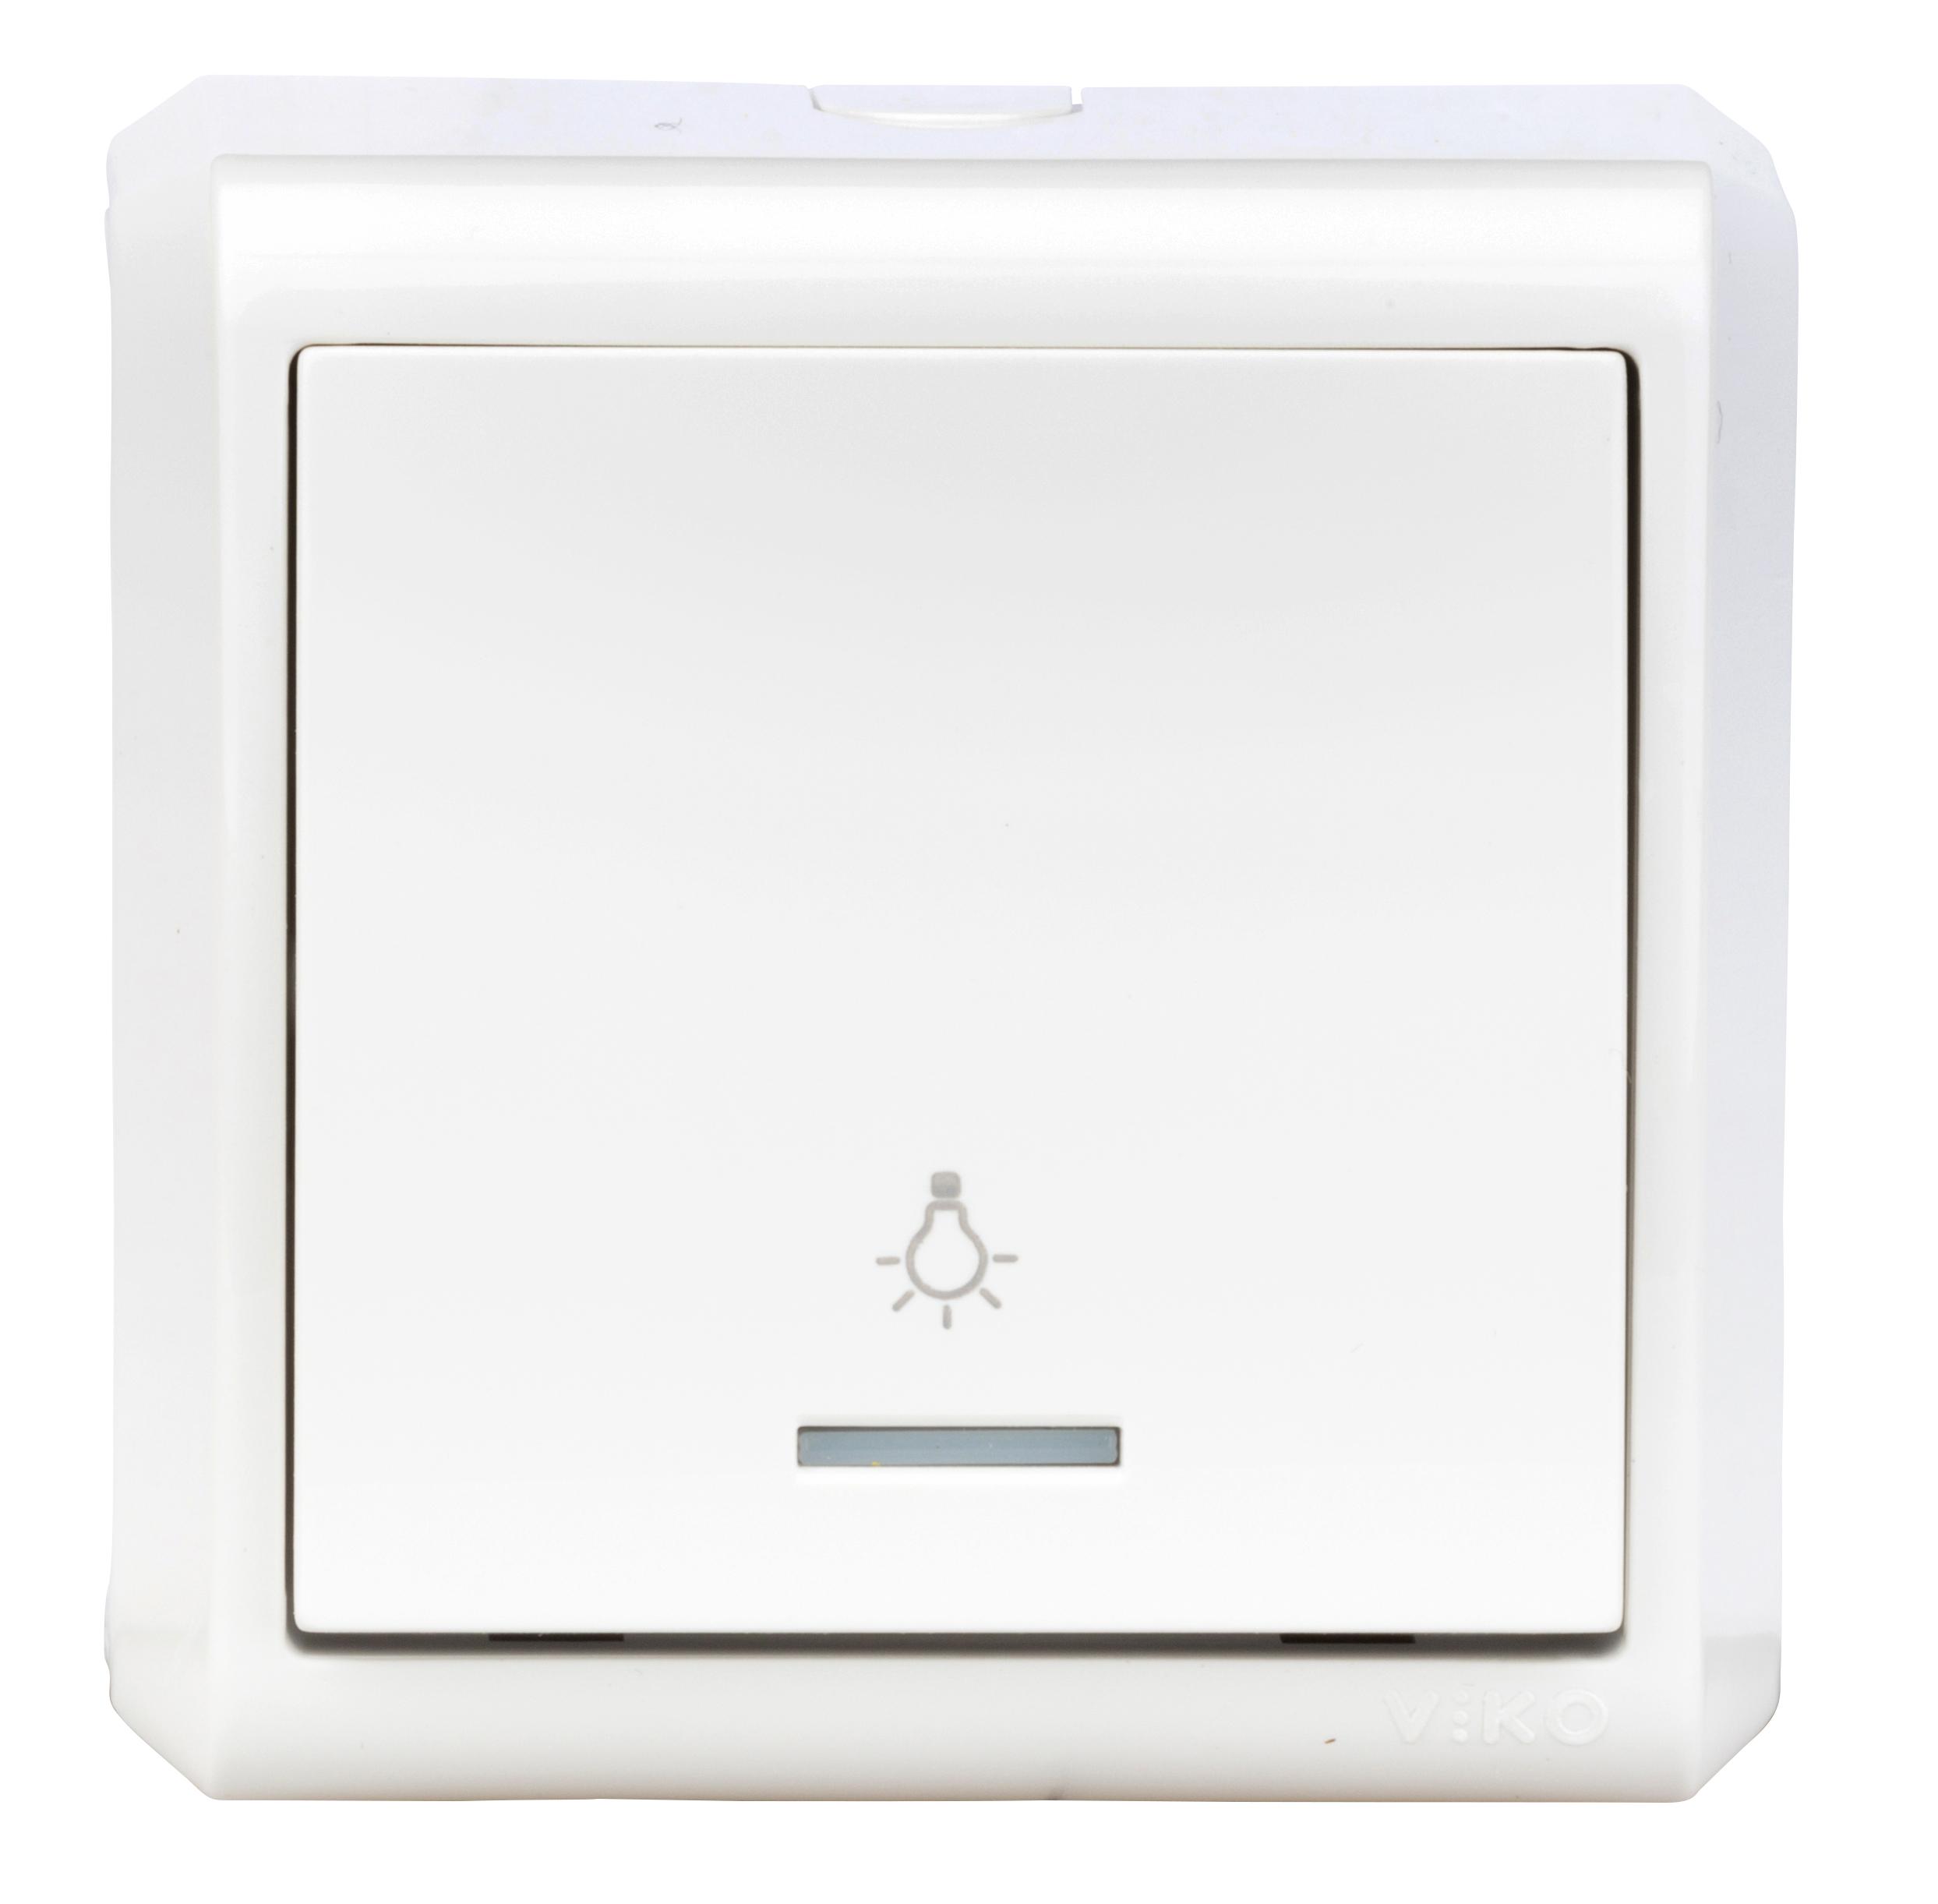 1 Stk AP-Taster, Schliesser, Orientierungslicht, IP20, weiß EV310005--